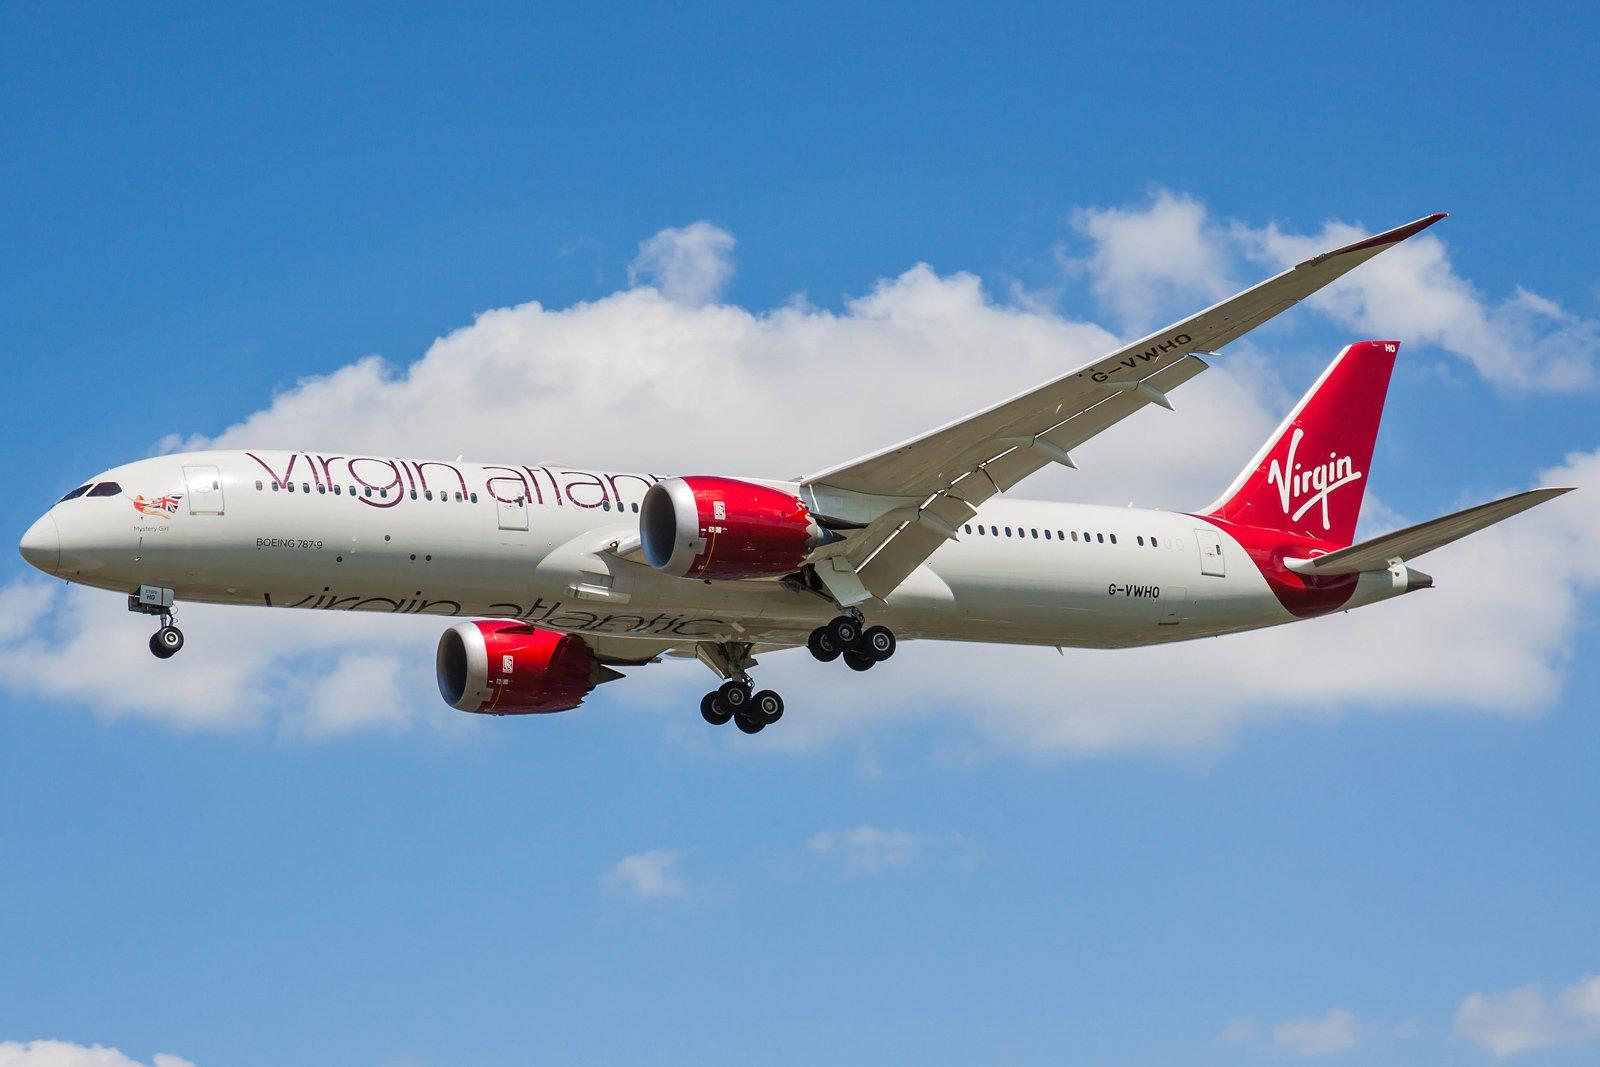 Virgin Atlantic Airways Boeing 787-9 Dreamliner G-VWHO